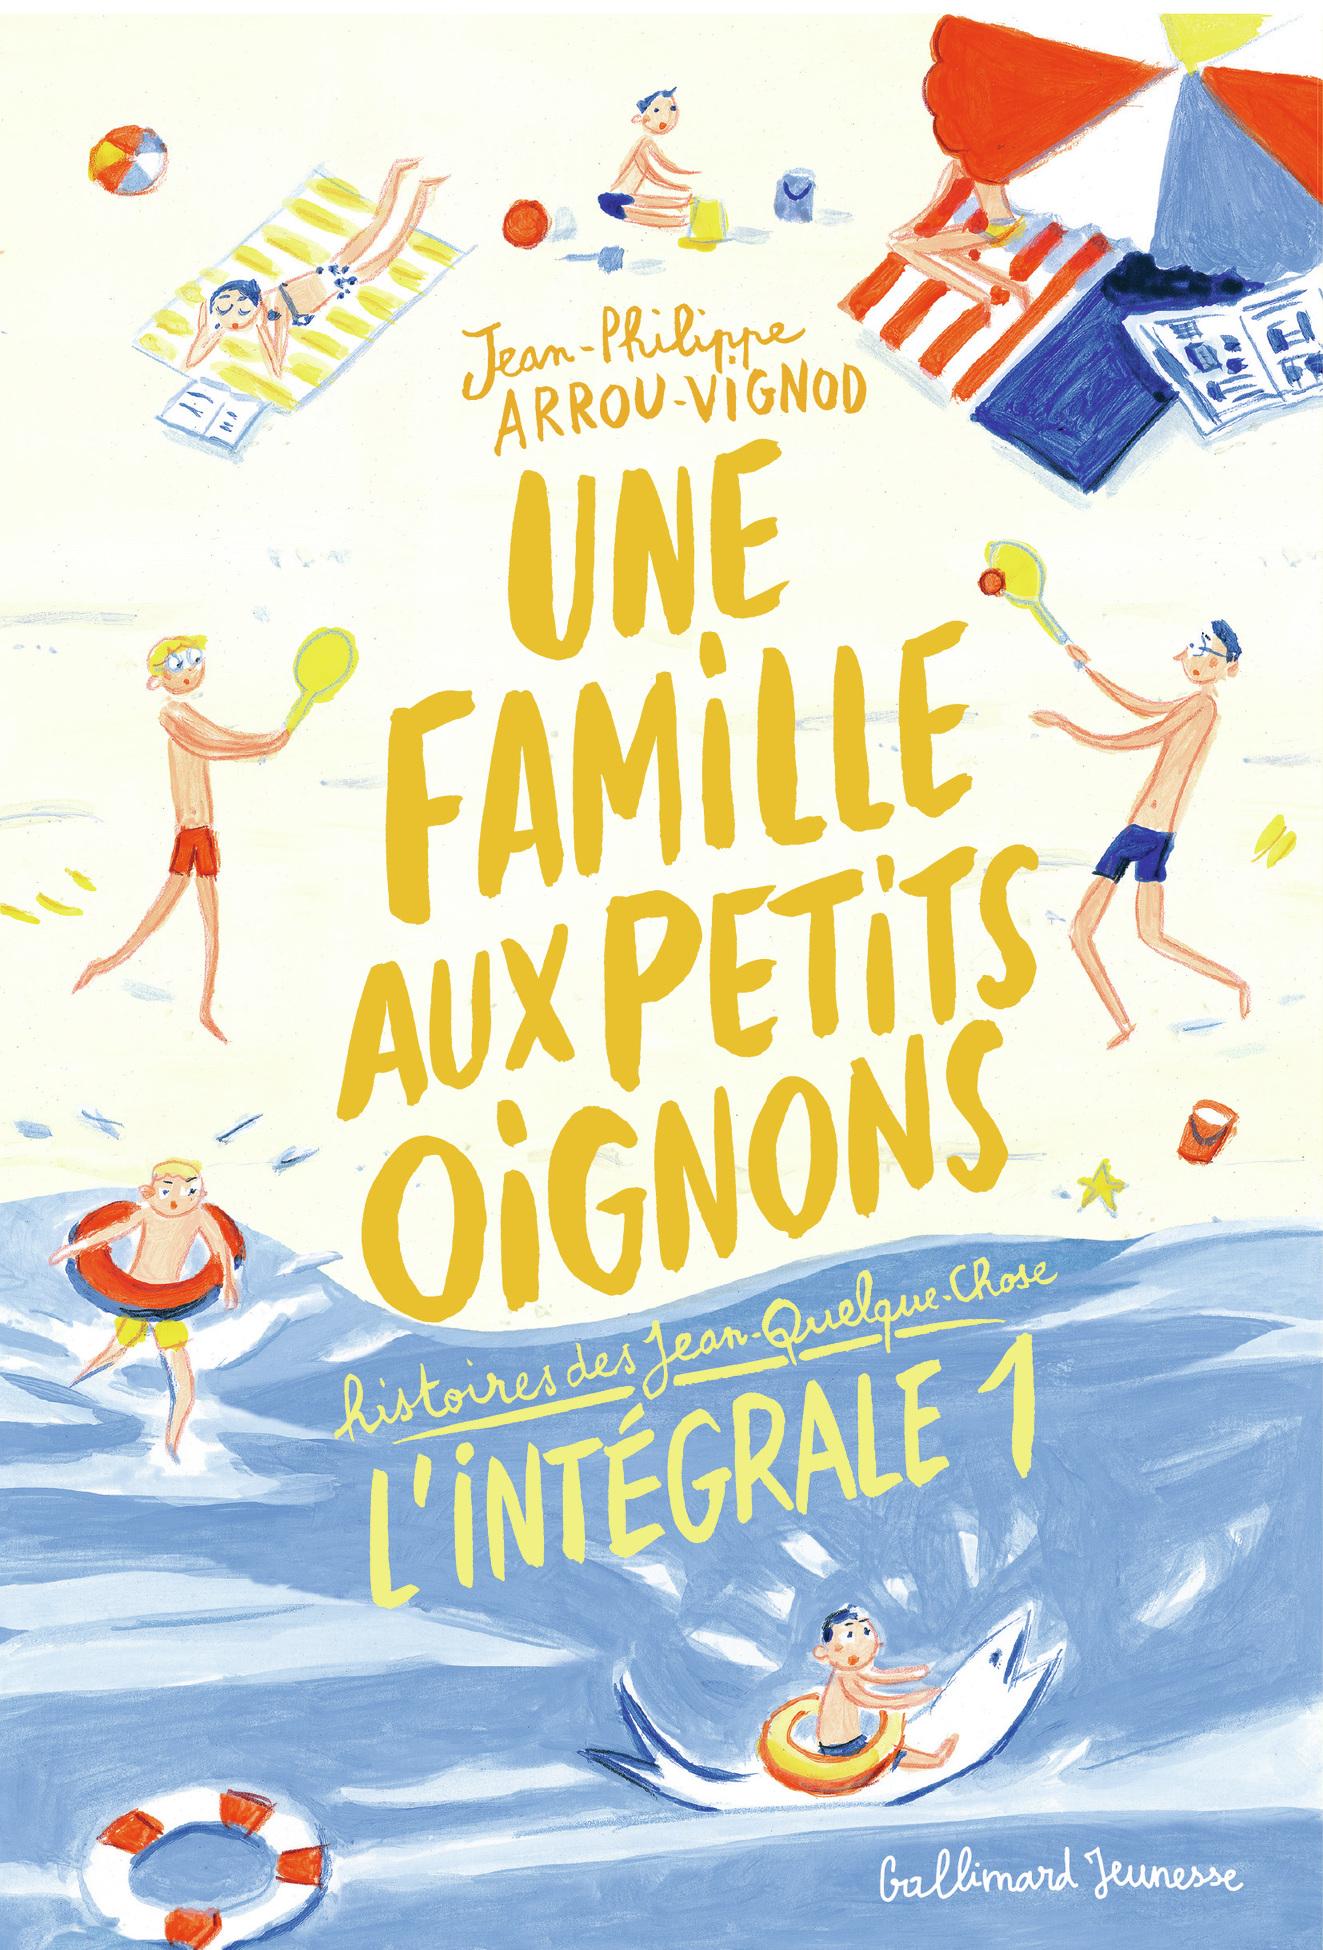 Une famille aux petits oignons - L'Intégrale 1 (Tomes 1 à 3) | Arrou-Vignod, Jean-Philippe